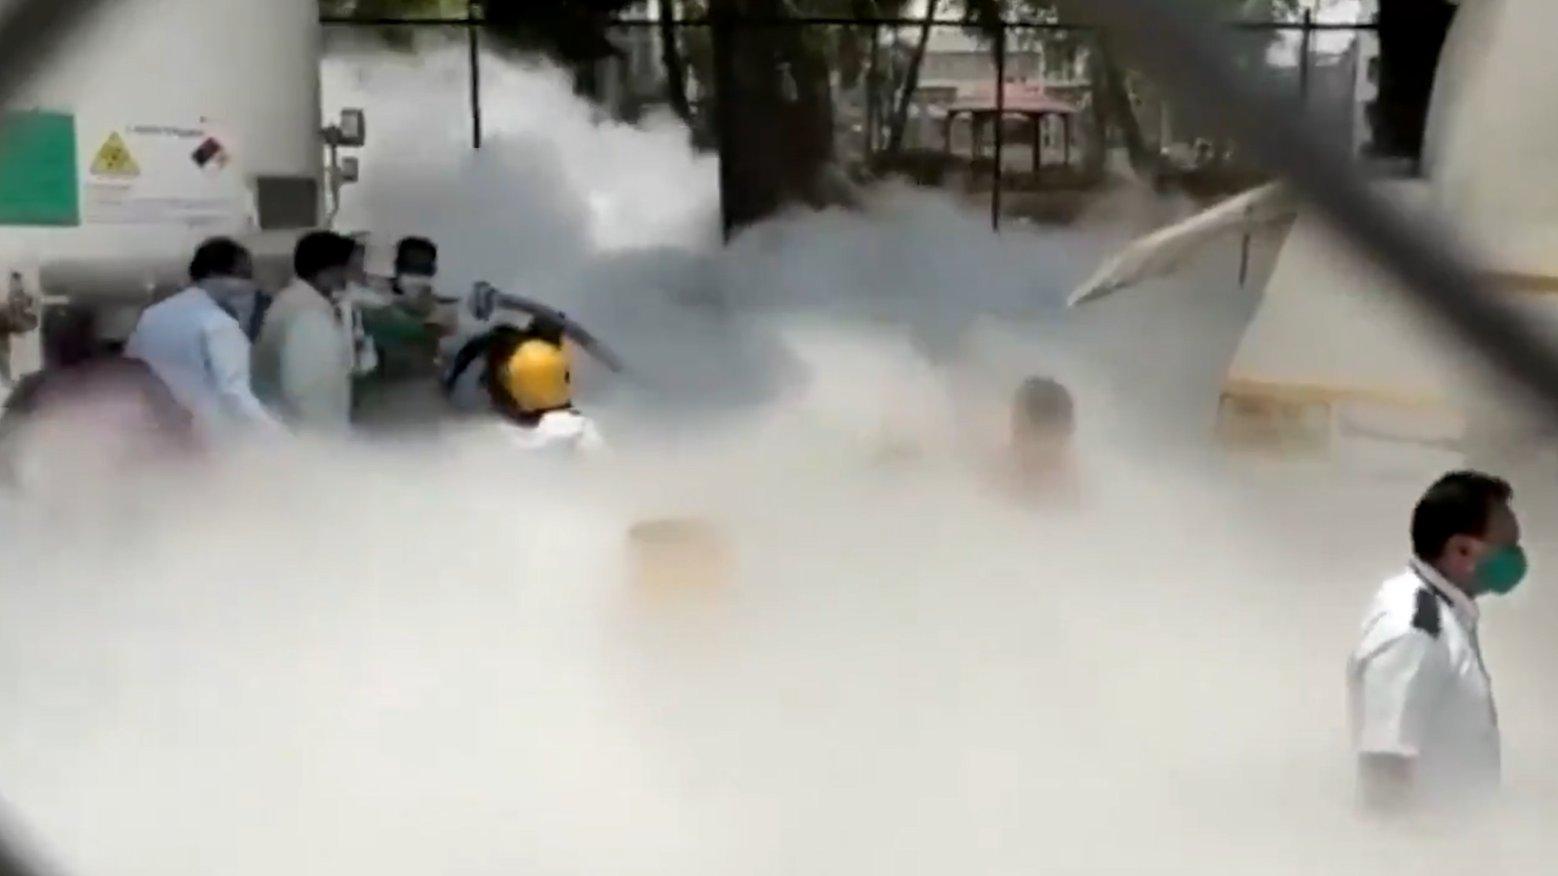 महाराष्ट्र के नासिक में बड़ा हादसा, अस्पताल में ऑक्सीजन टैंक लीक होने से 22 लोगों की मौत